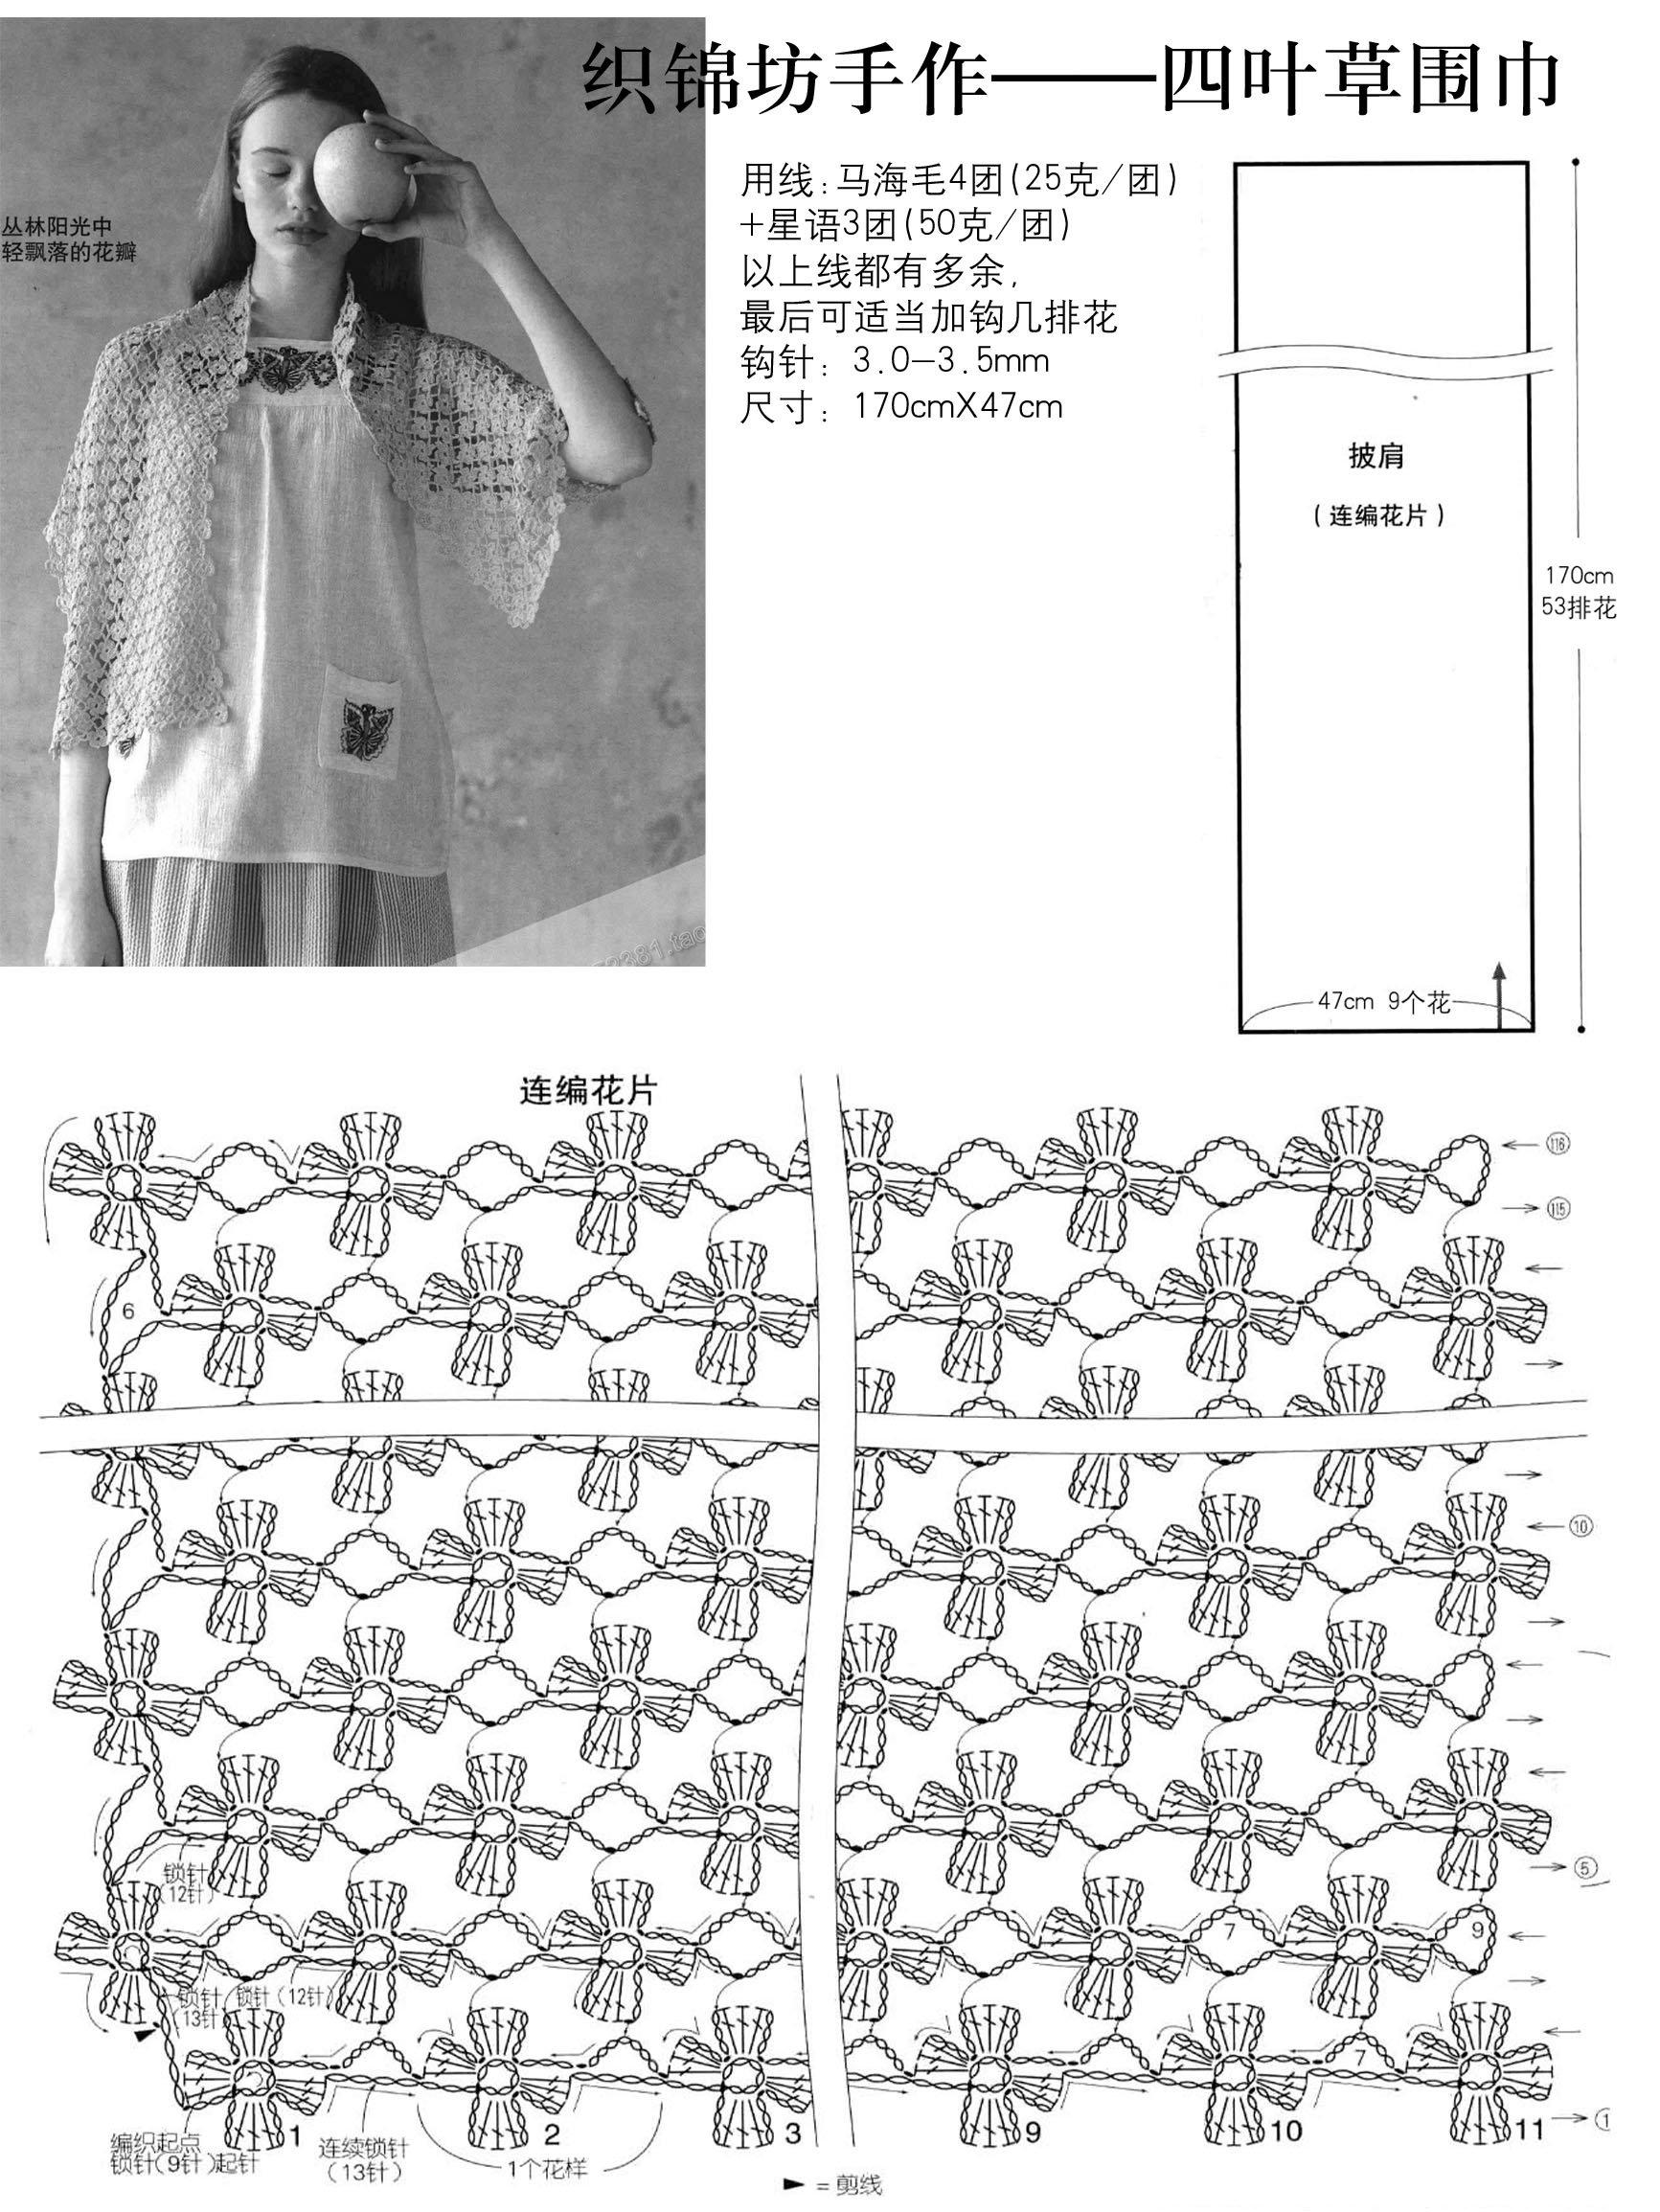 四叶草图解 拷贝.jpg